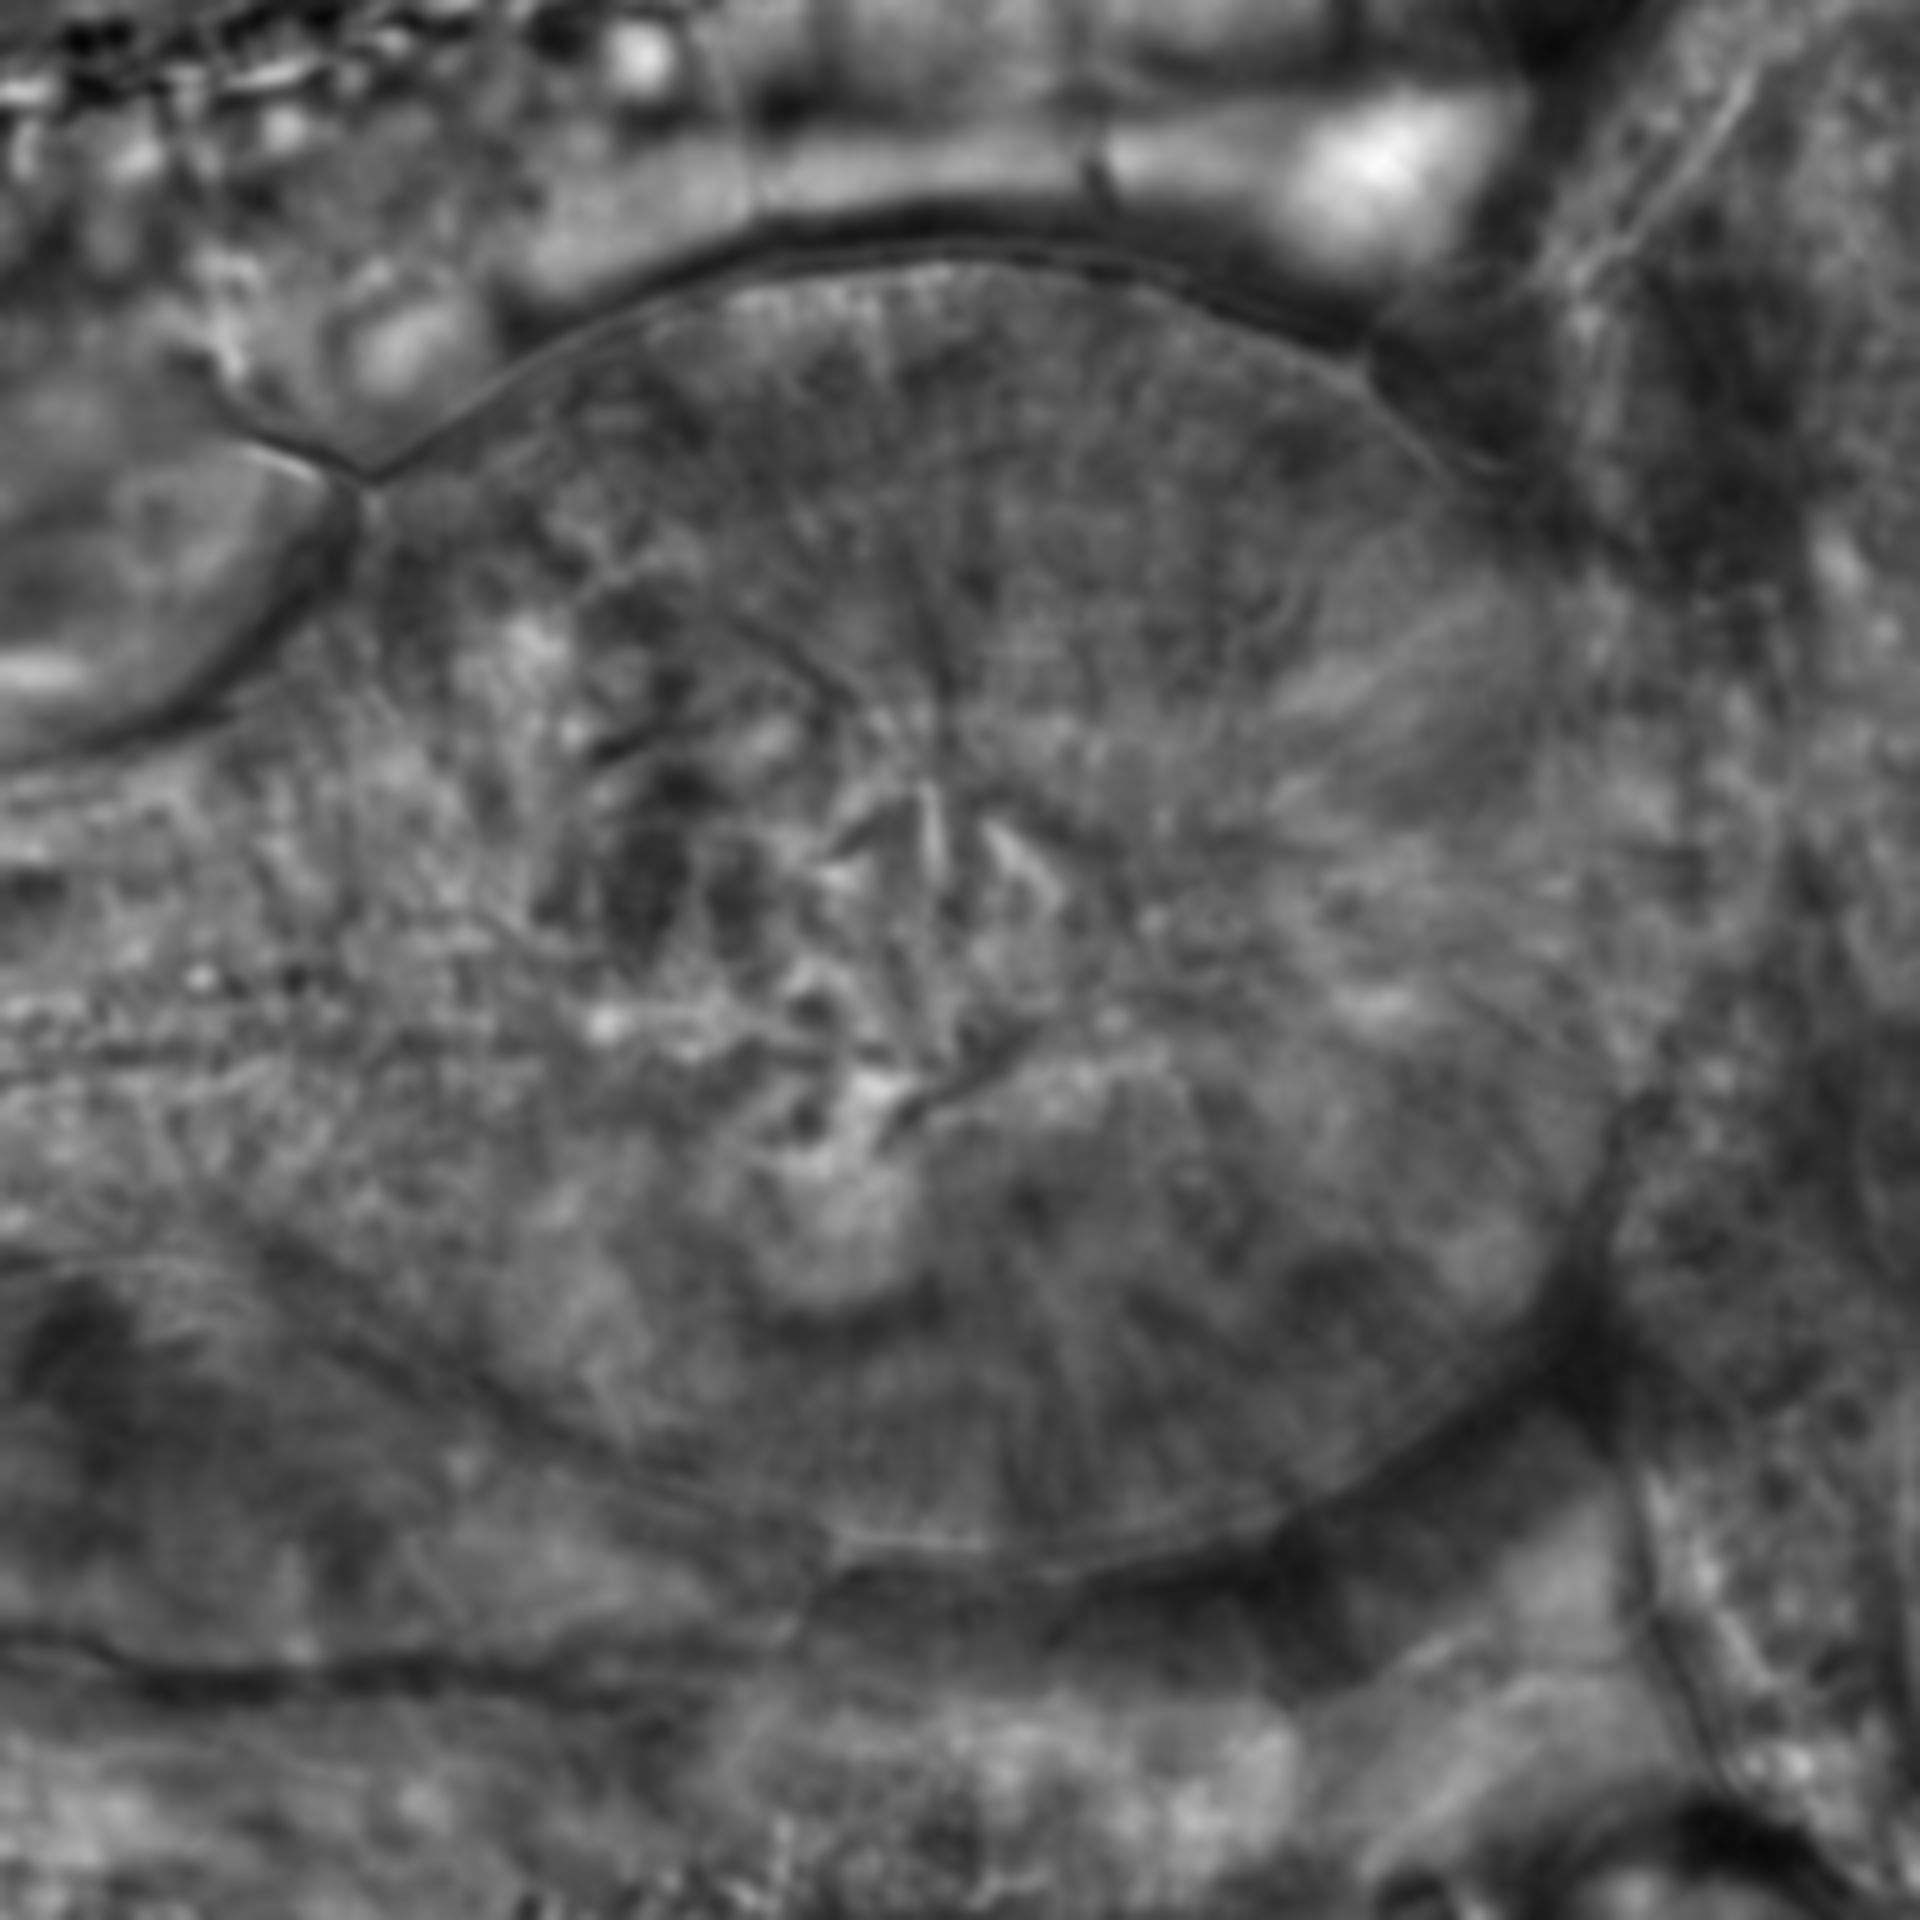 Caenorhabditis elegans - CIL:1991